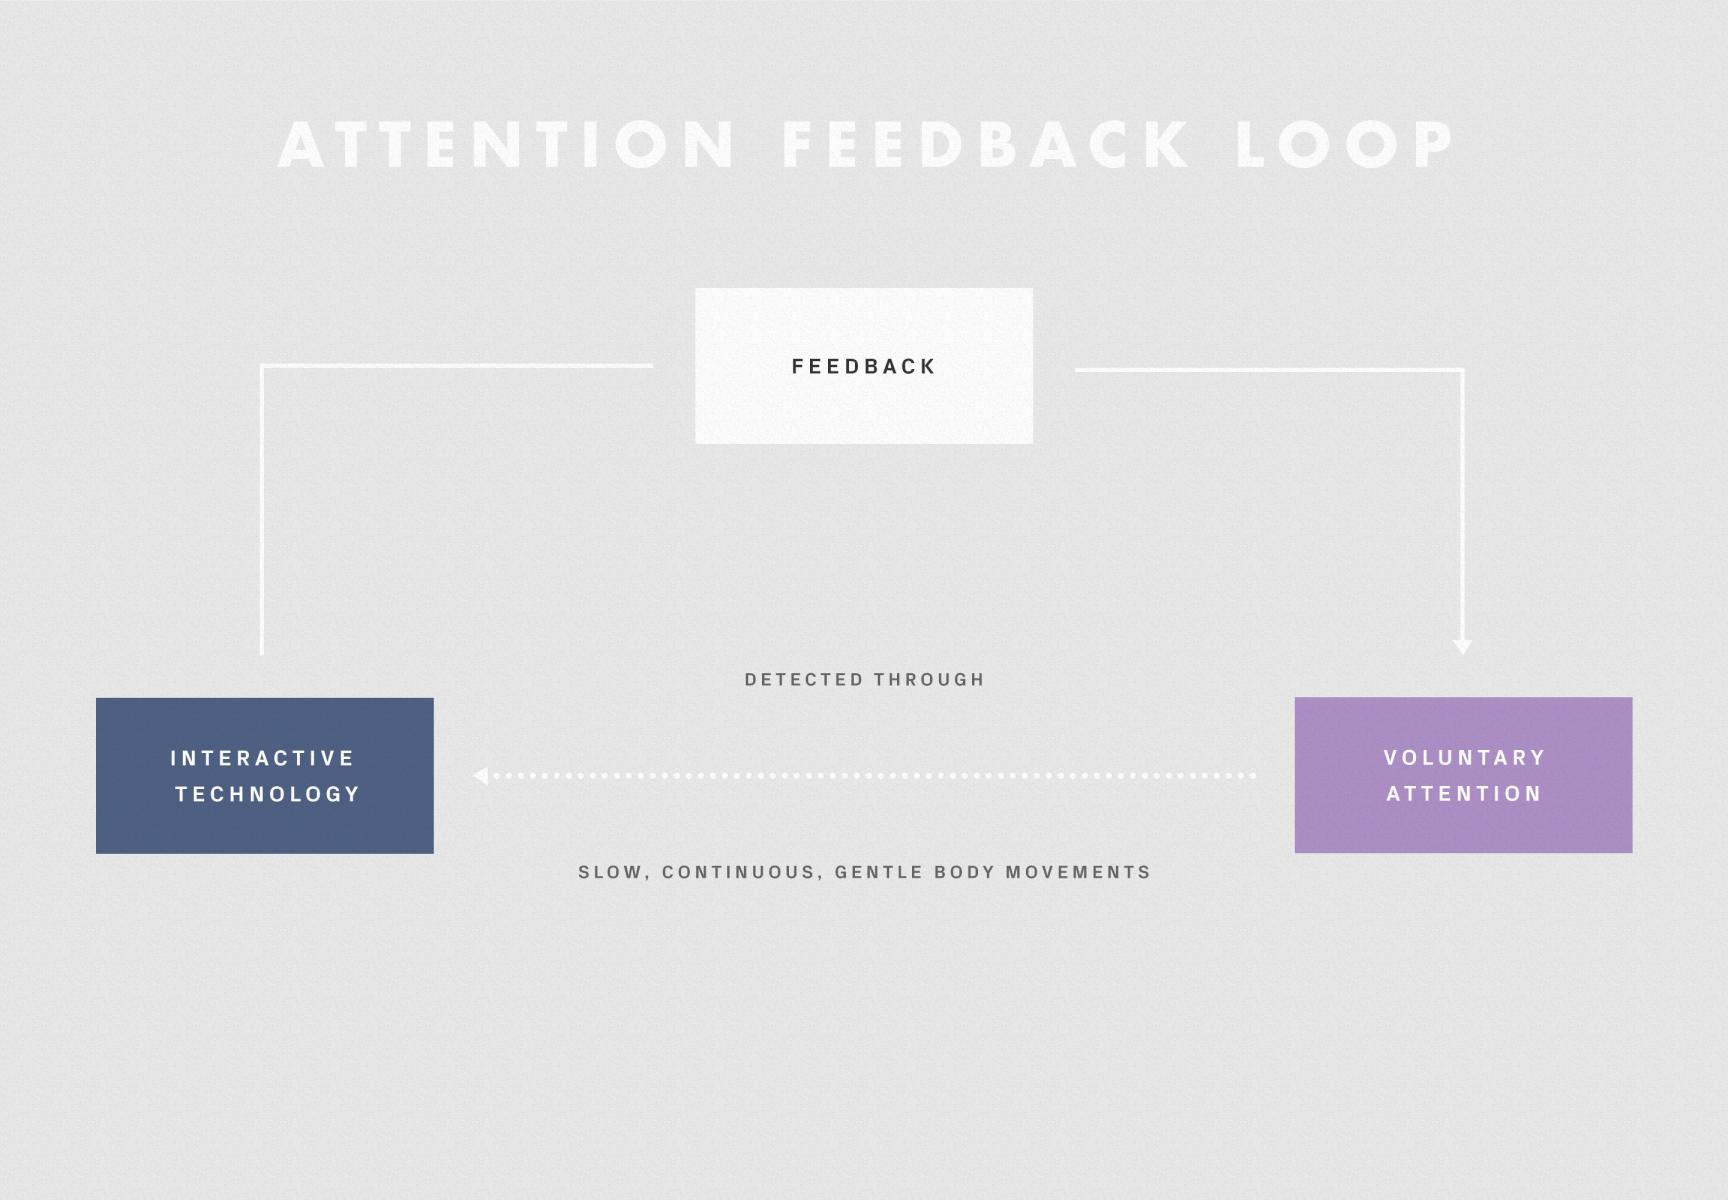 Feedback loop1-1728x1200